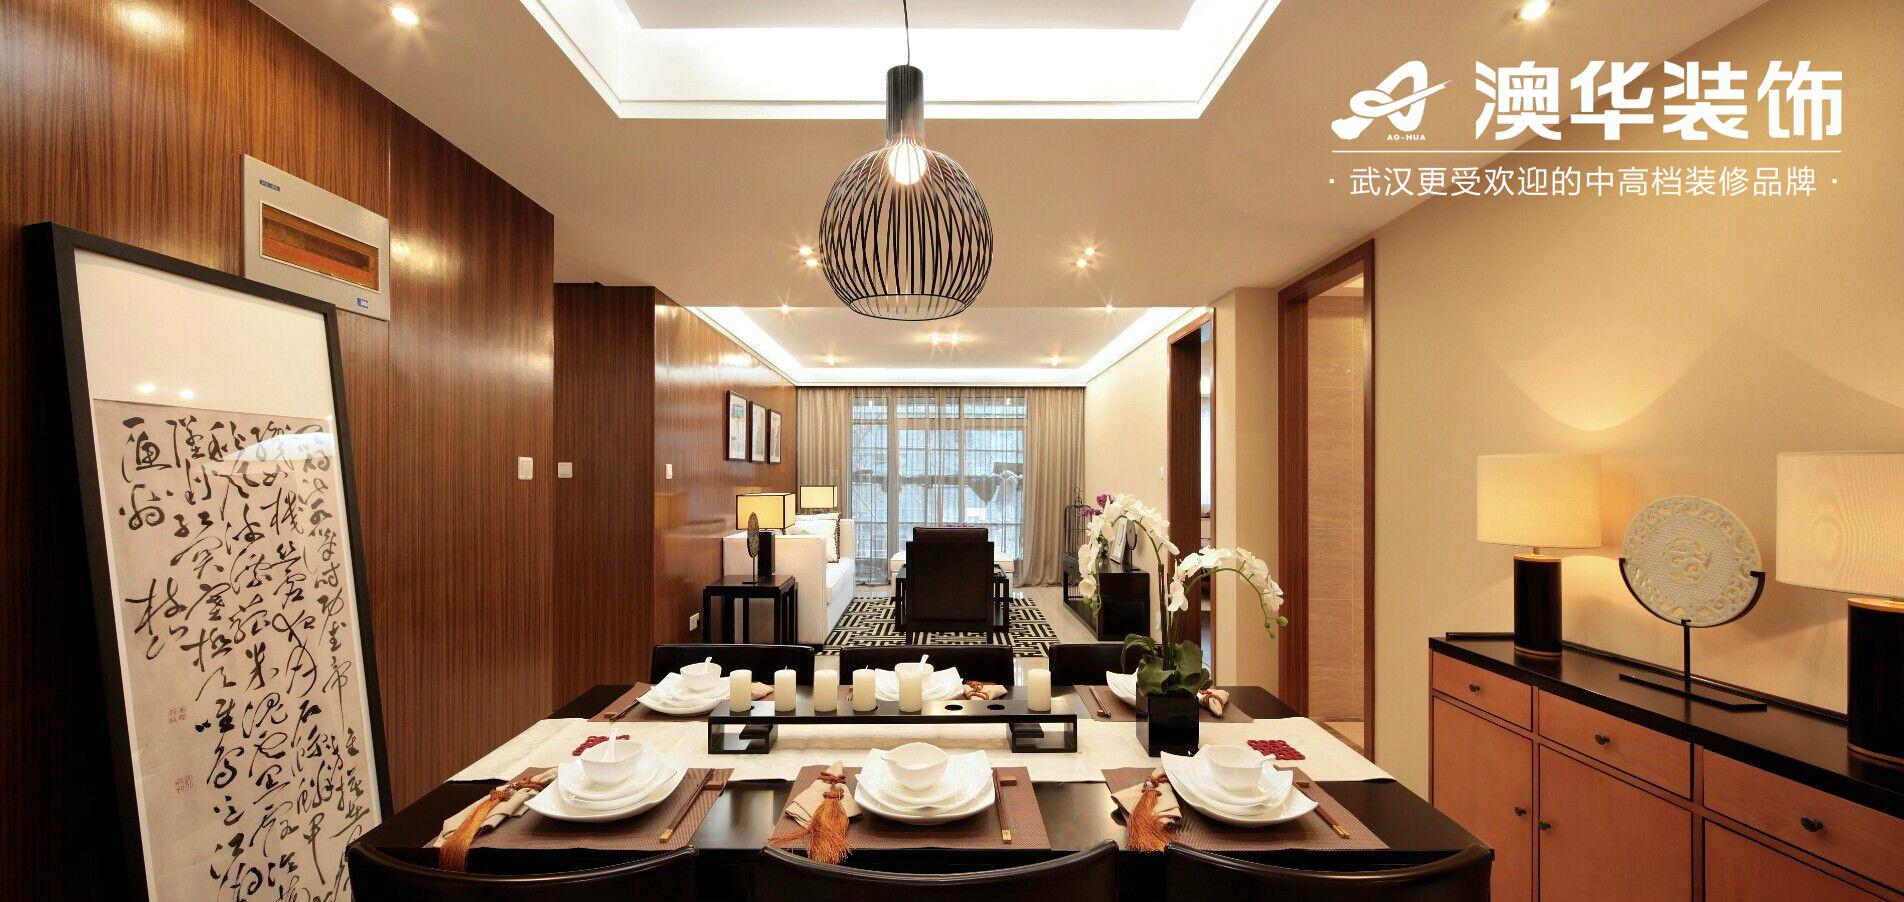 客厅图片来自澳华装饰有限公司在汉口湖畔·现代风格的分享